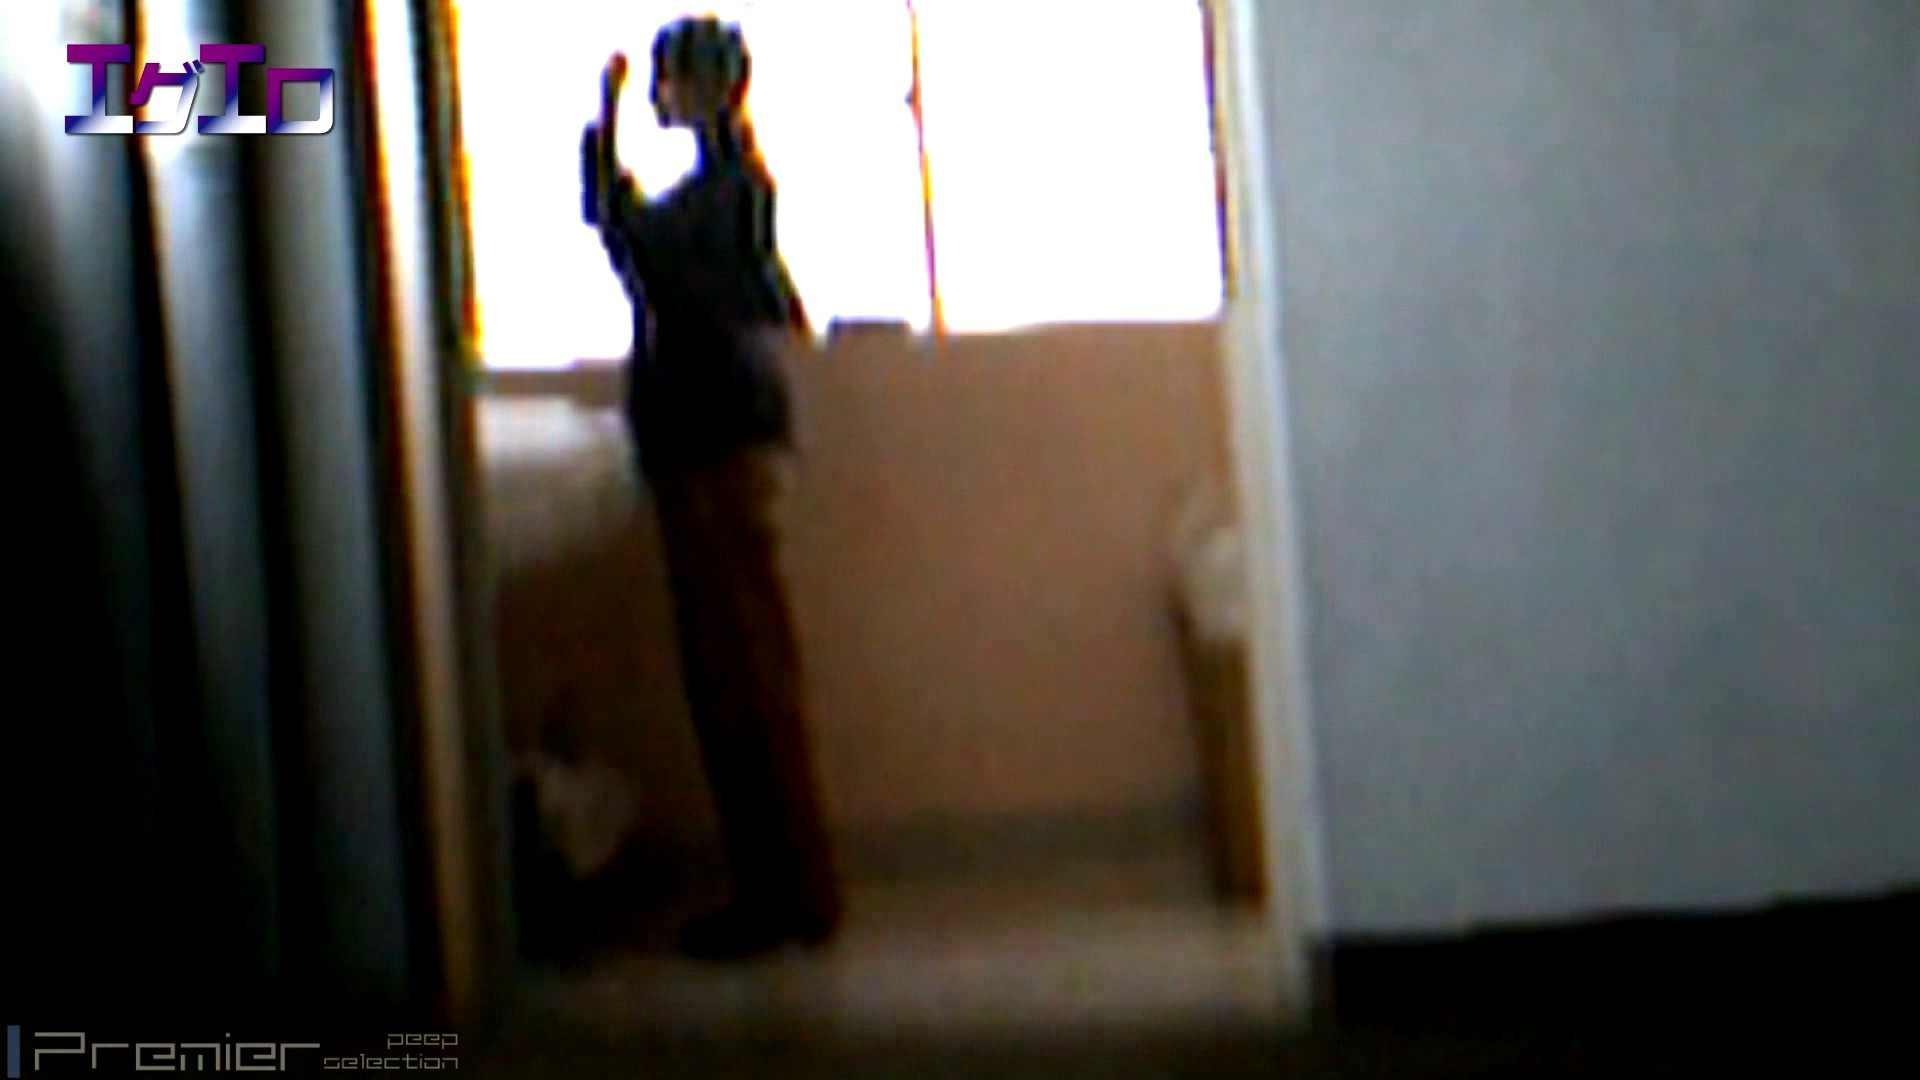 至近距離洗面所 Vol.09夏ギャルキタ~和式トイレ放nyoショー ギャル 盗撮画像 34連発 23